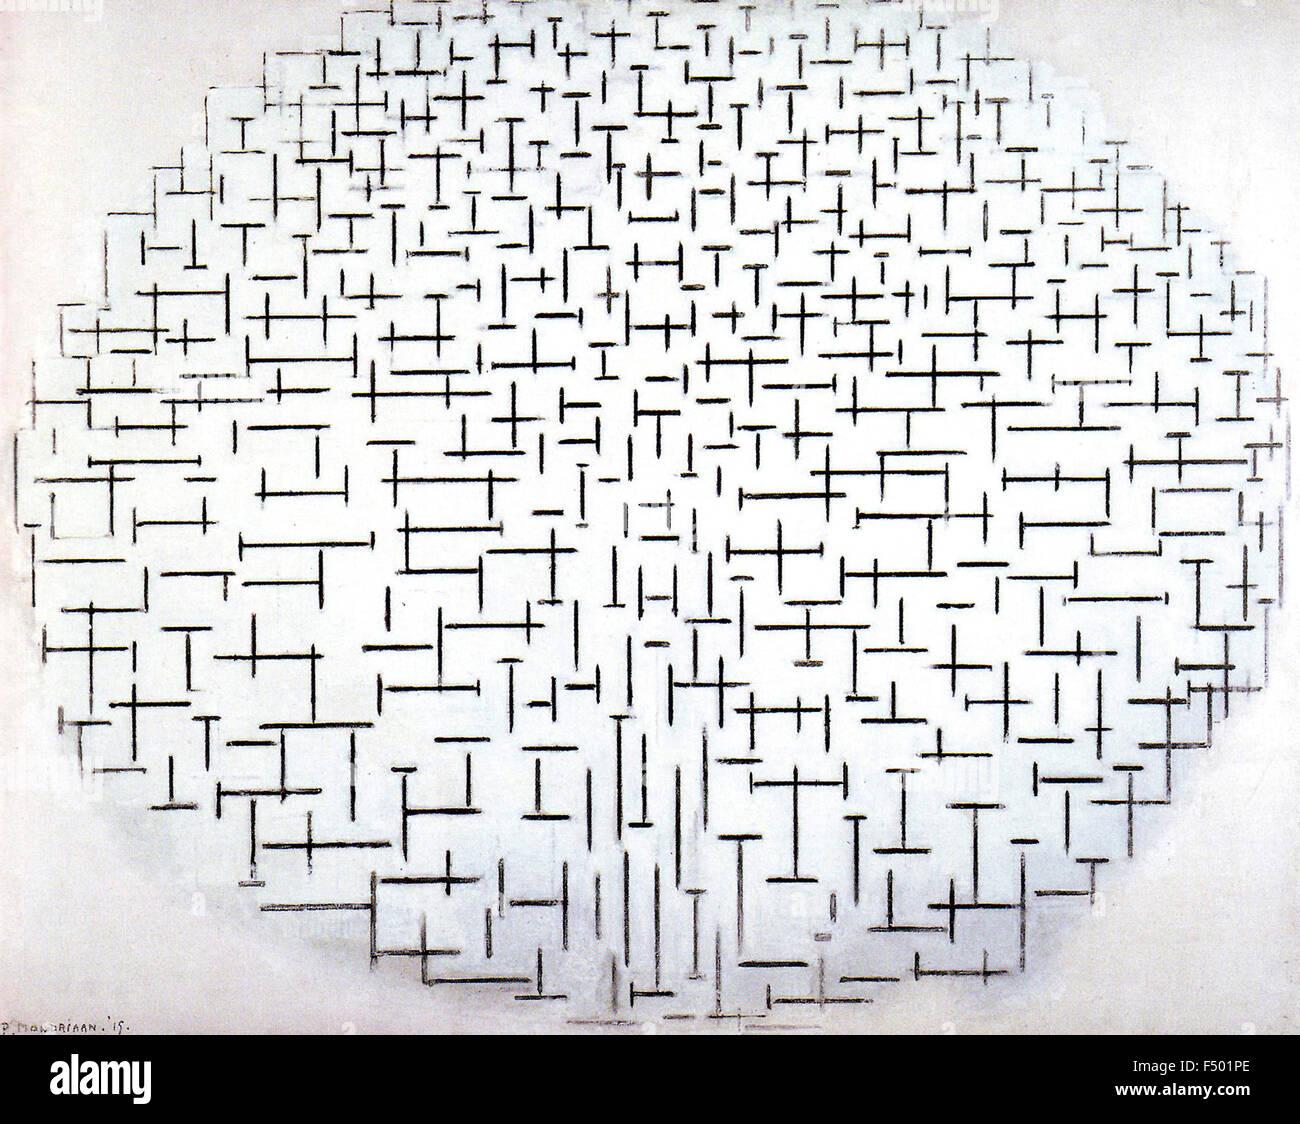 Pietr Mondrian - composición en blanco y negro Imagen De Stock